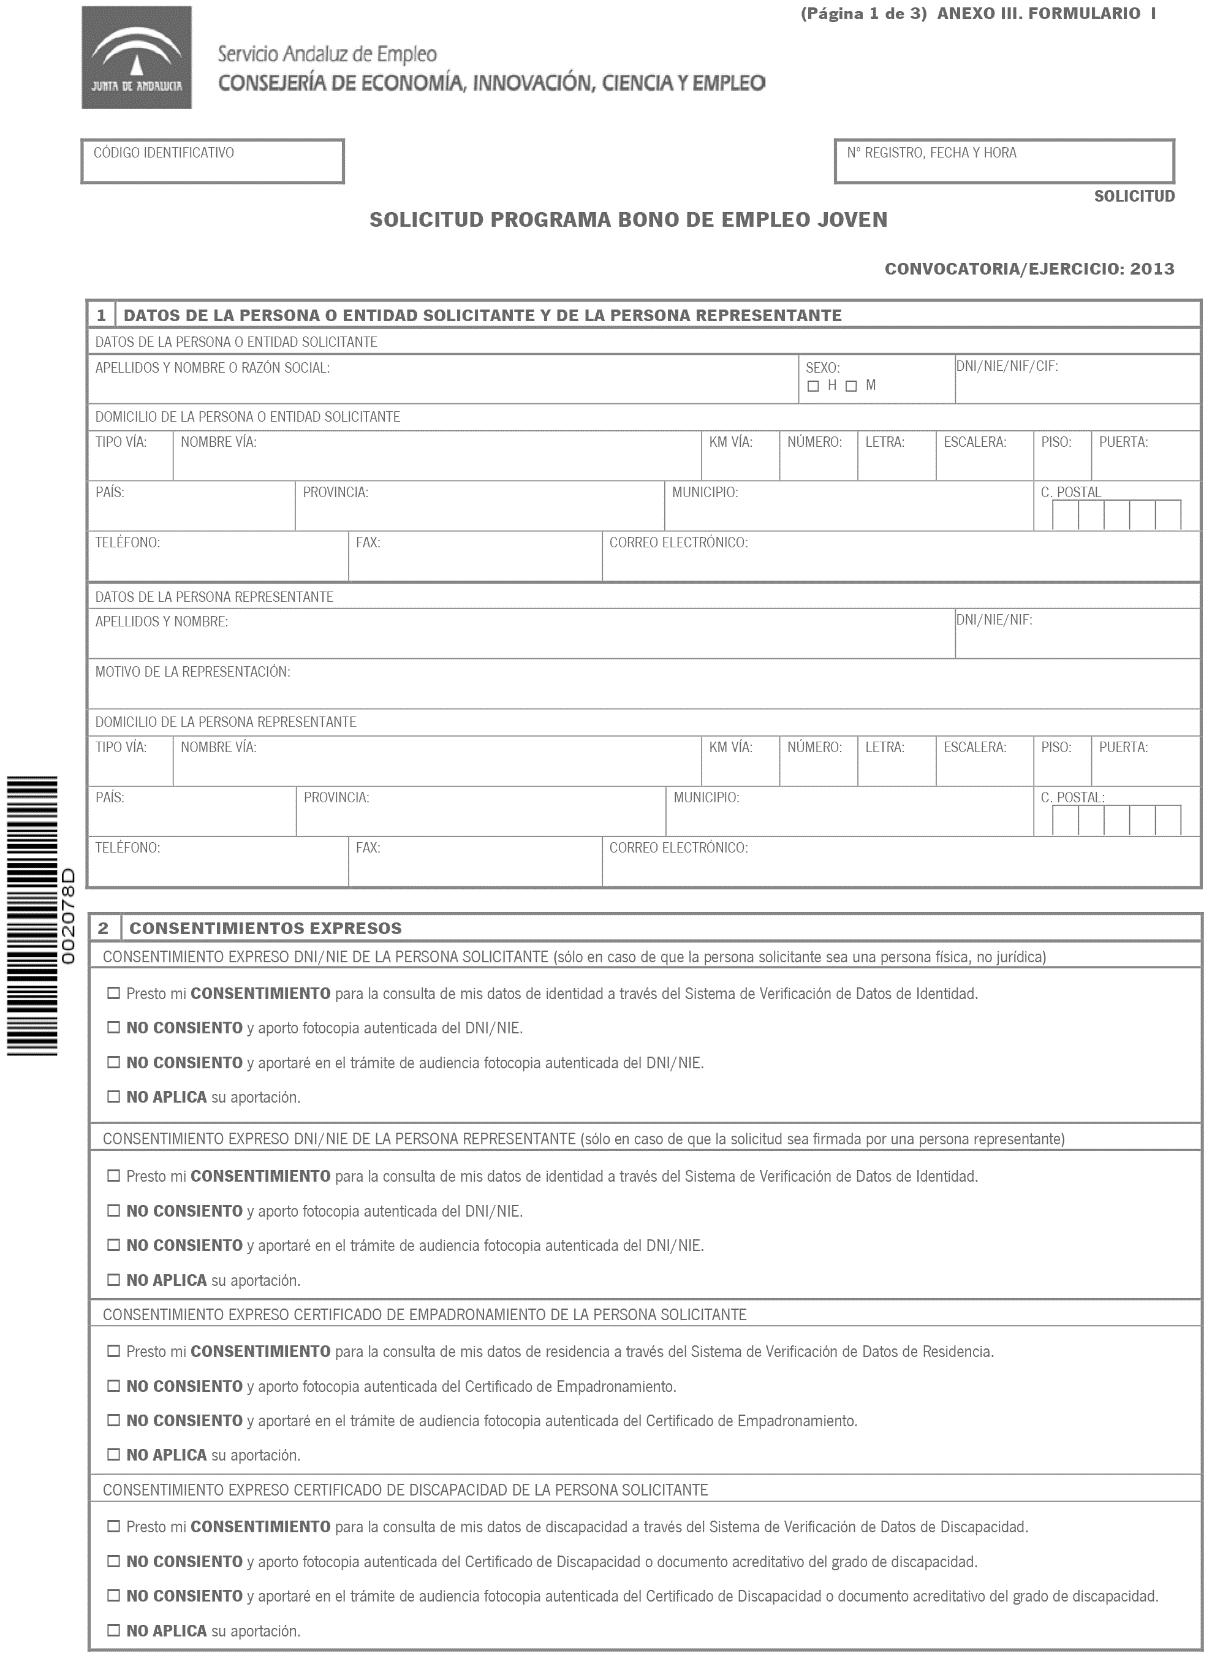 Dorable Obtener Certificado De Nacimiento De La Forma Larga ...